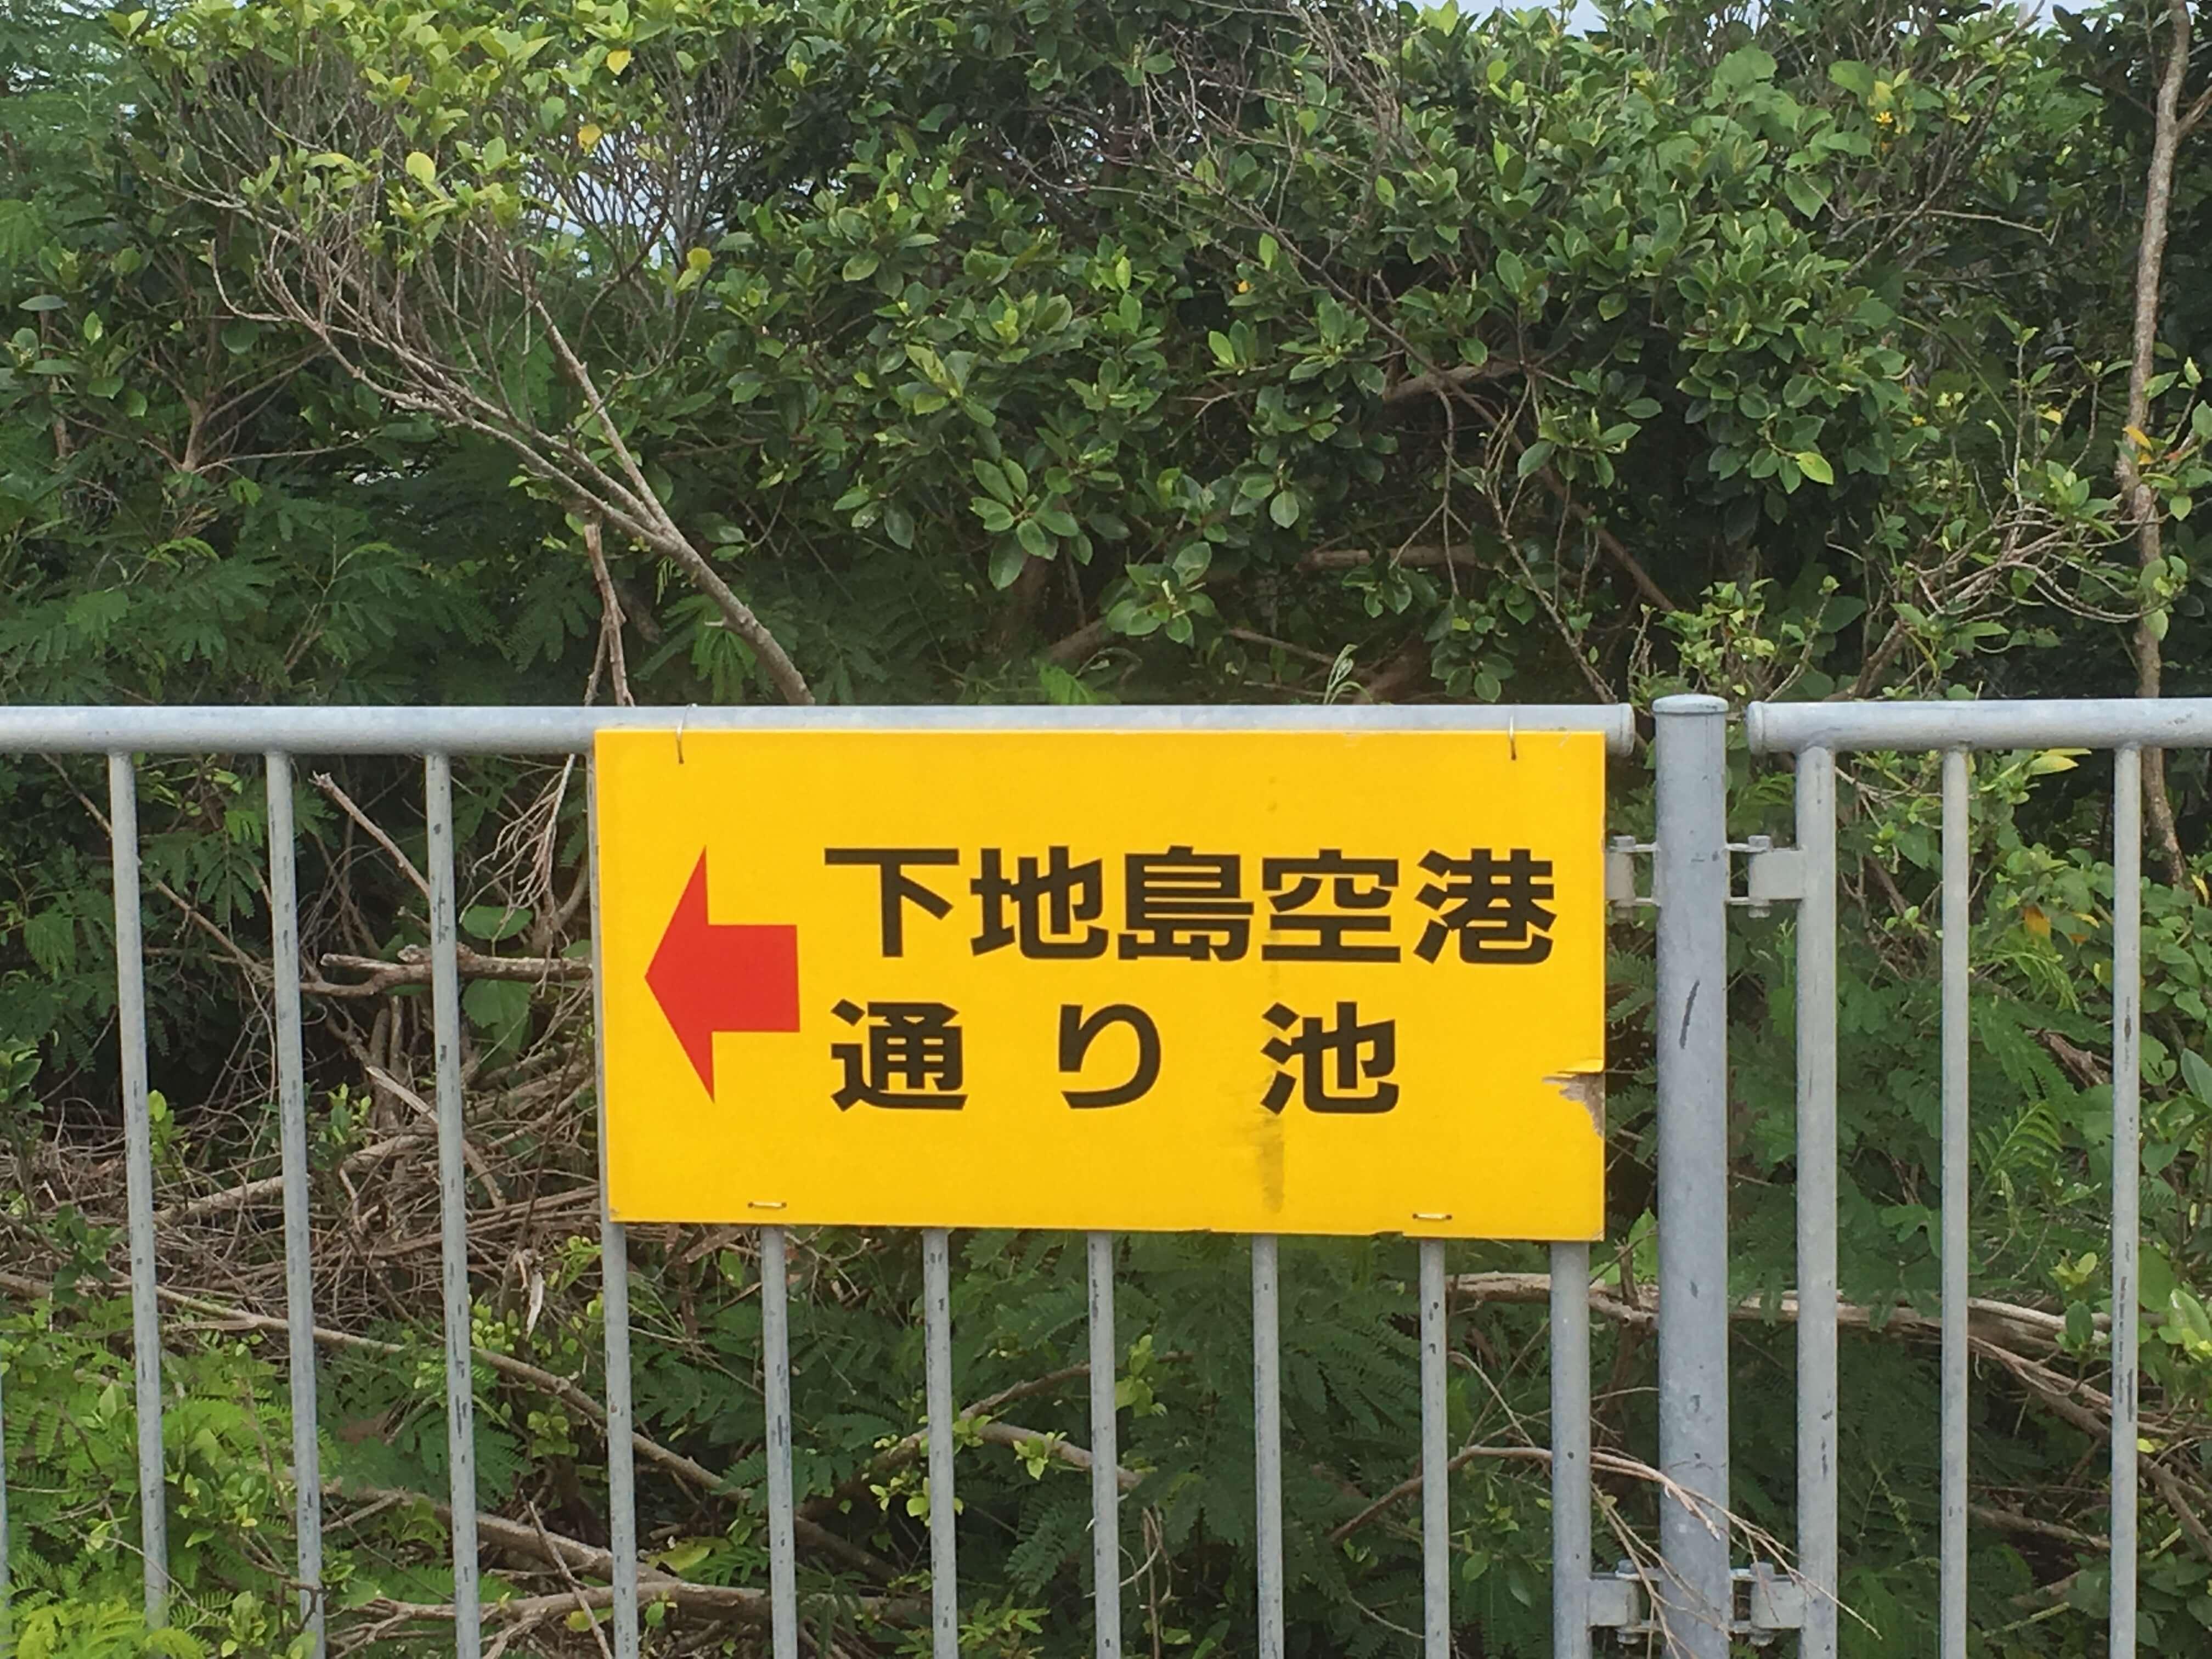 下地島空港(宮古島)現地リポート第二弾!!工事が遅れるであろう3つの原因が判明!!(画像有)